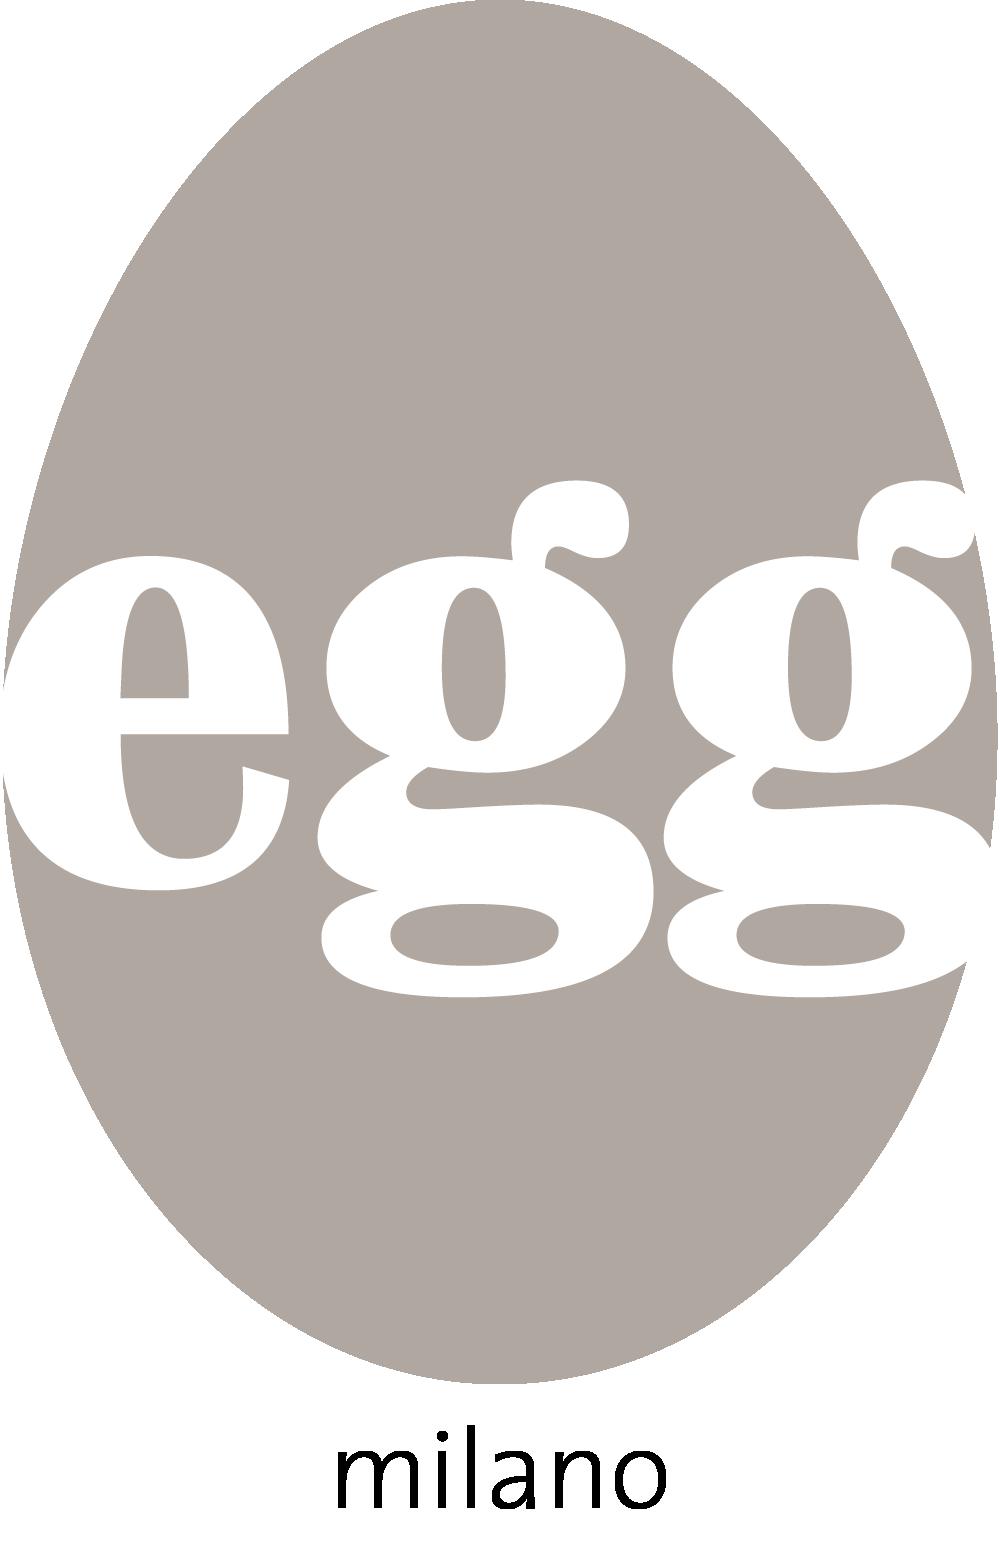 LOGO EGG MILANO